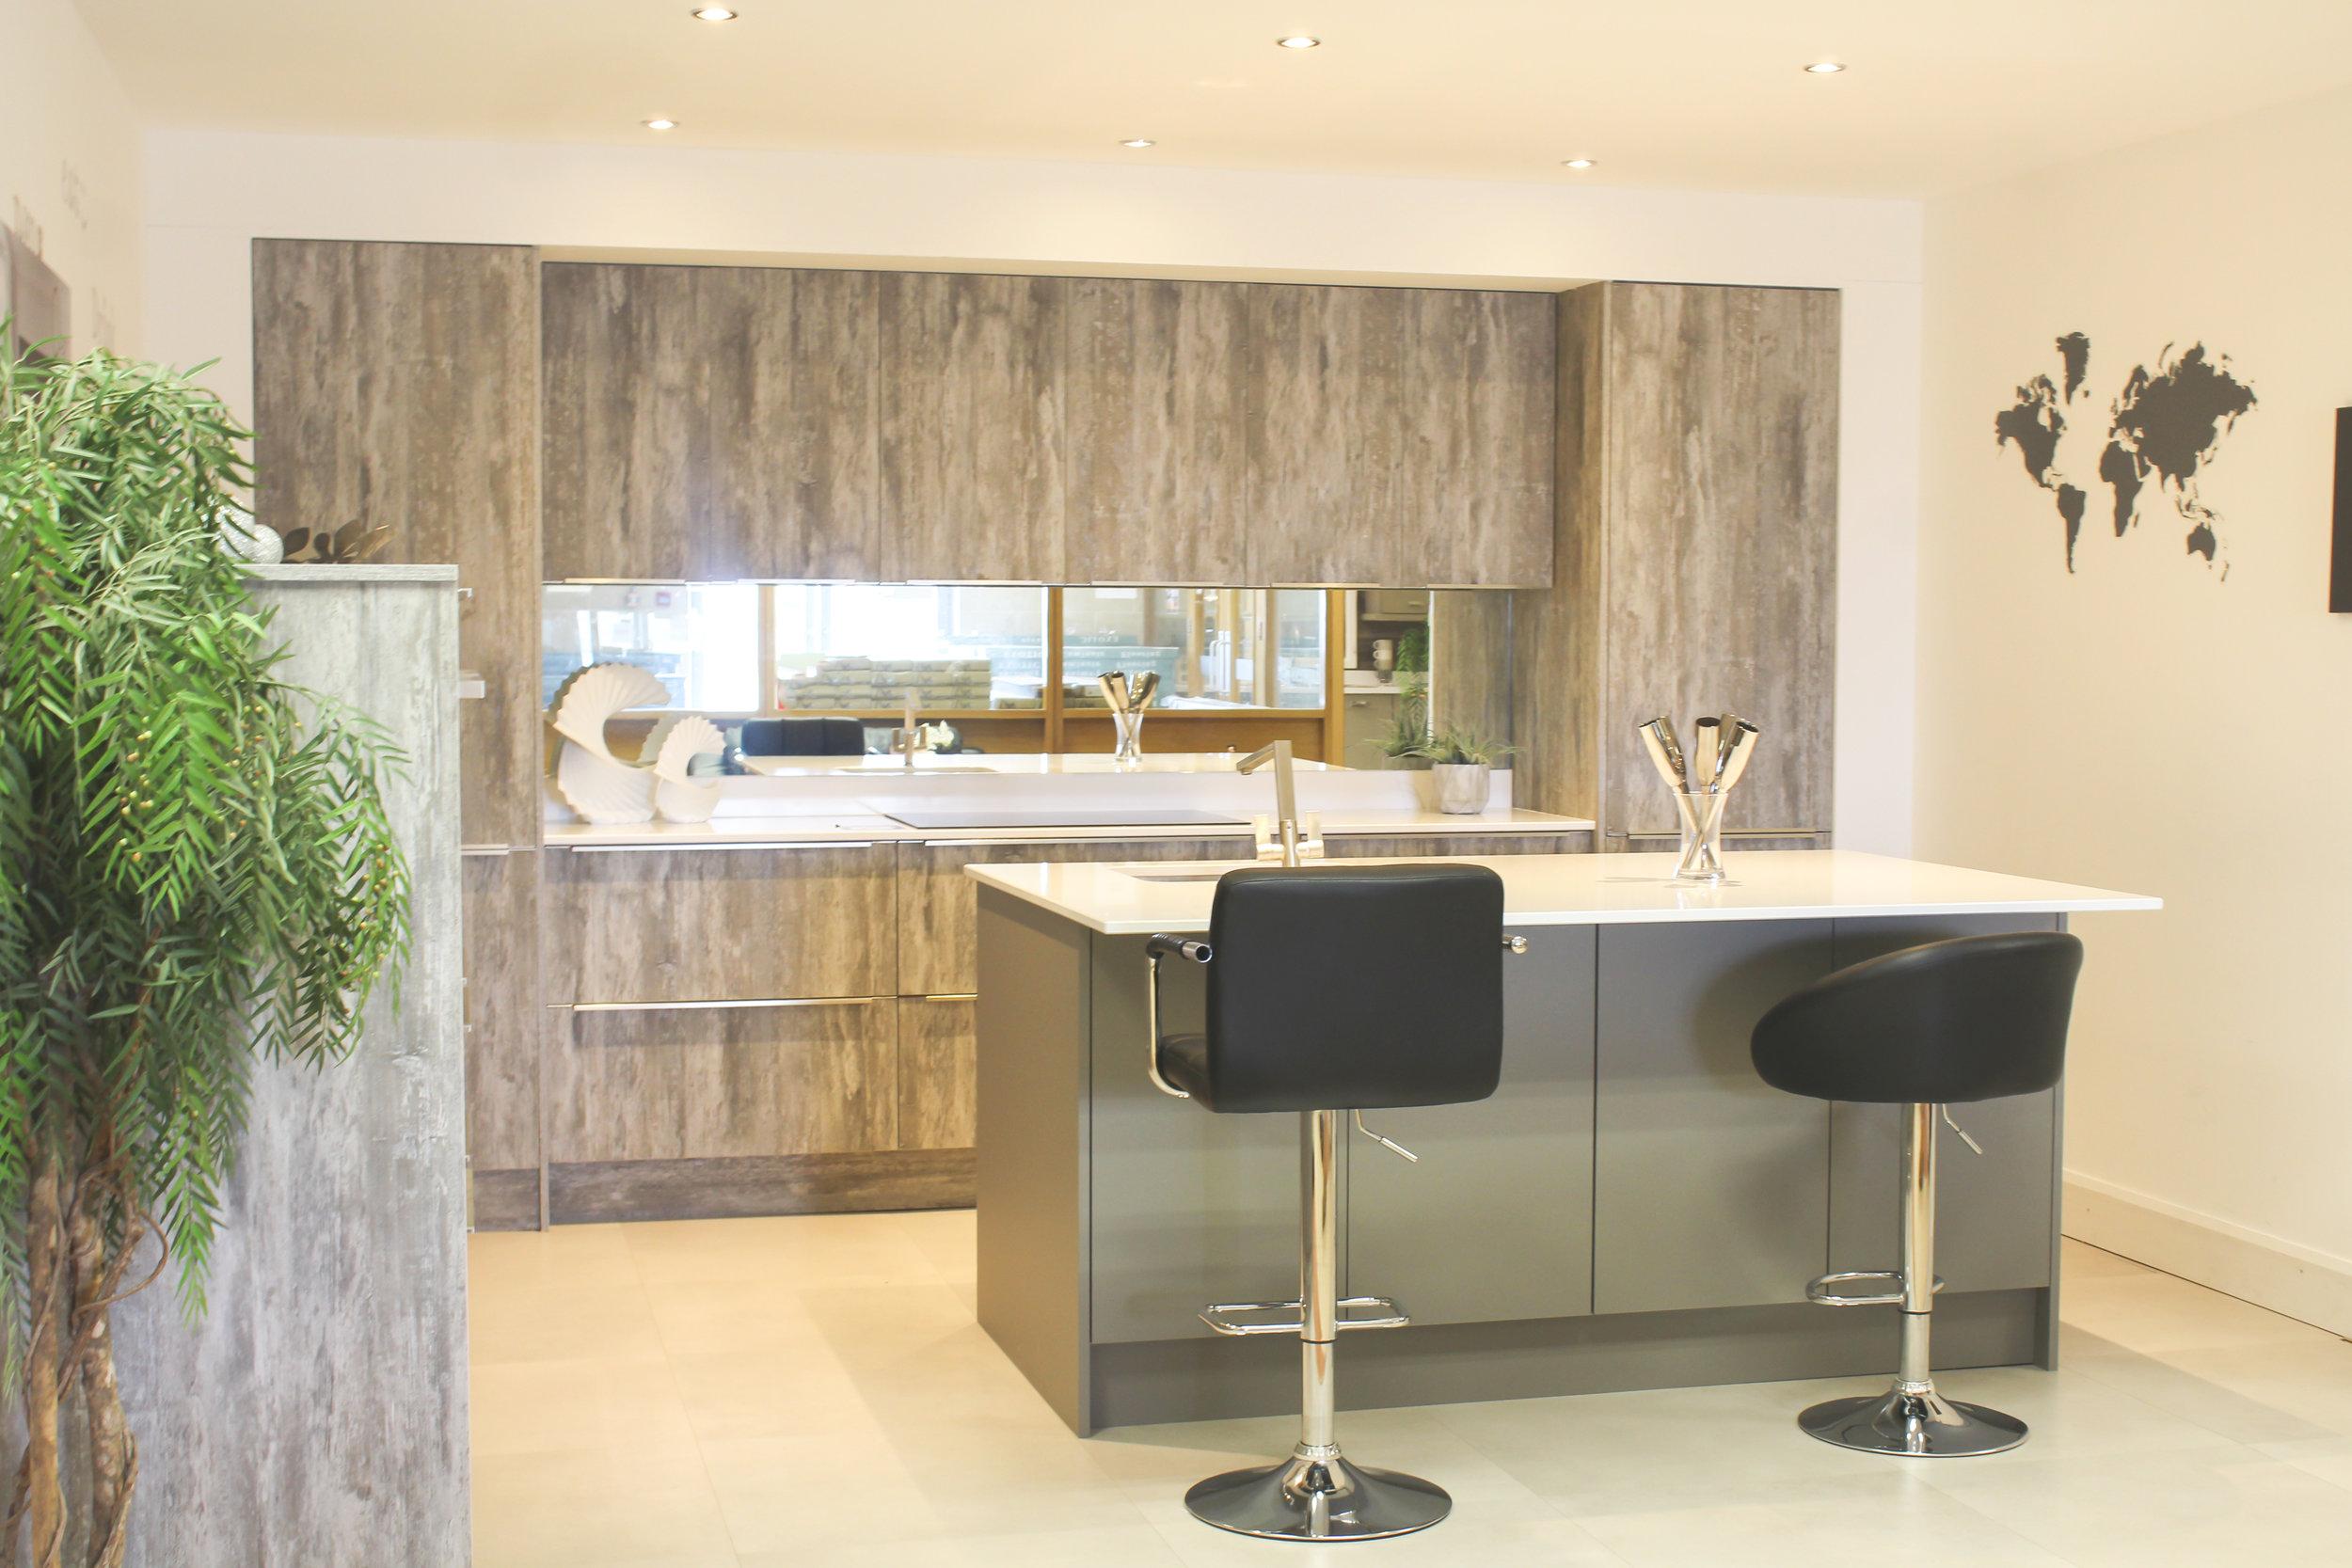 opaco kitchen.jpg